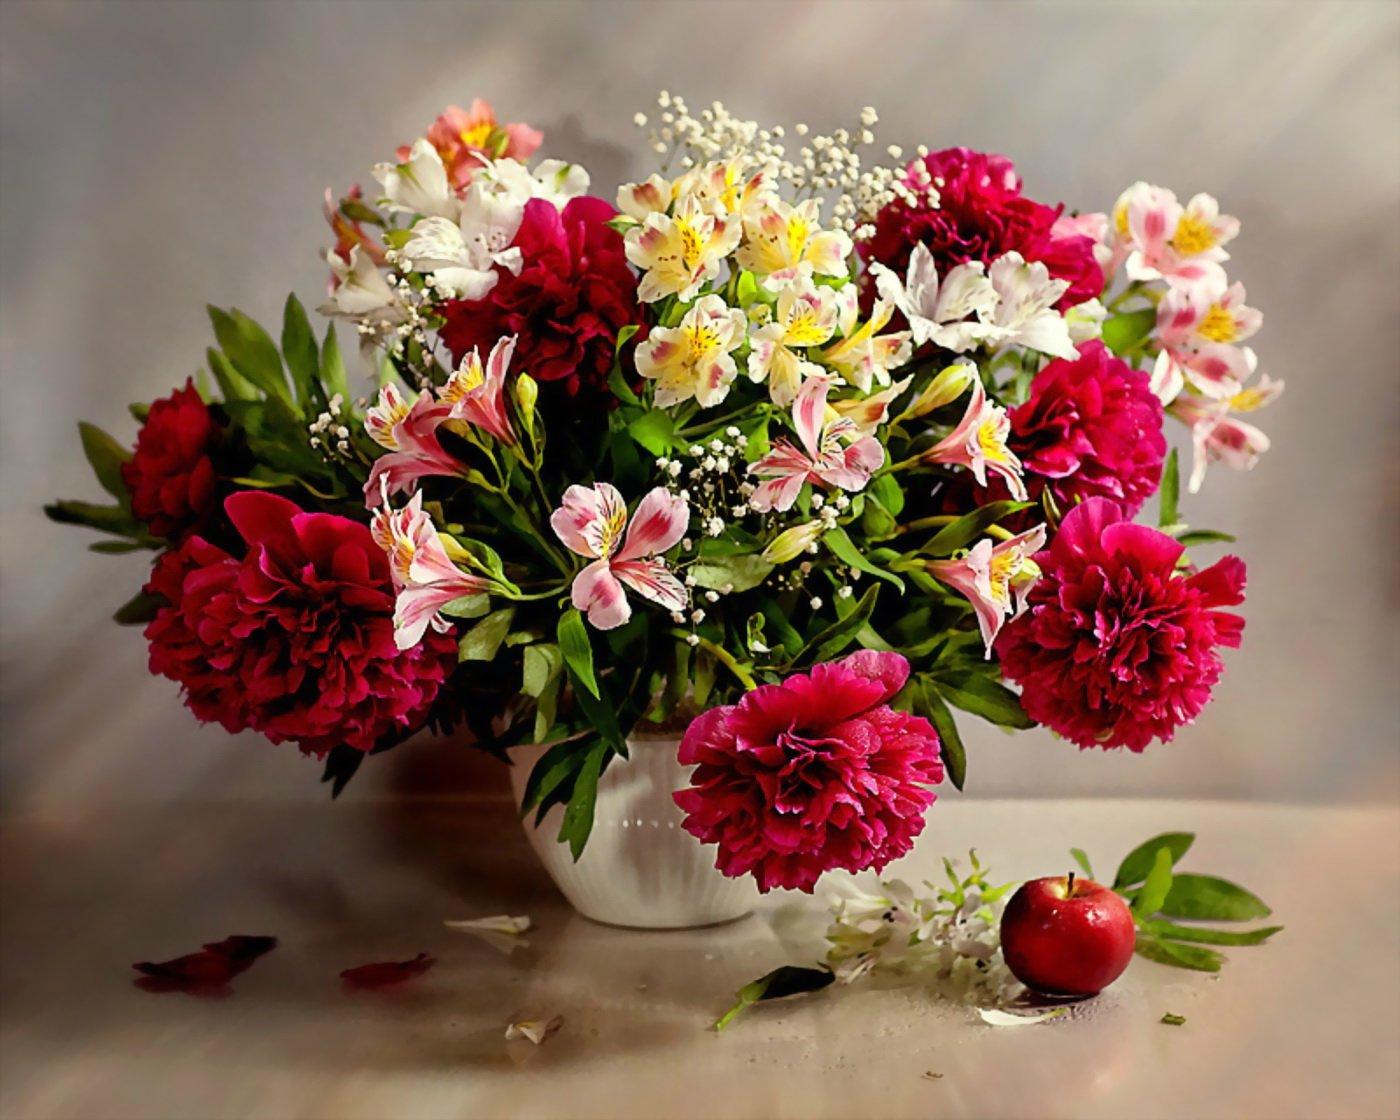 картинки красивейших букетов цветов асб